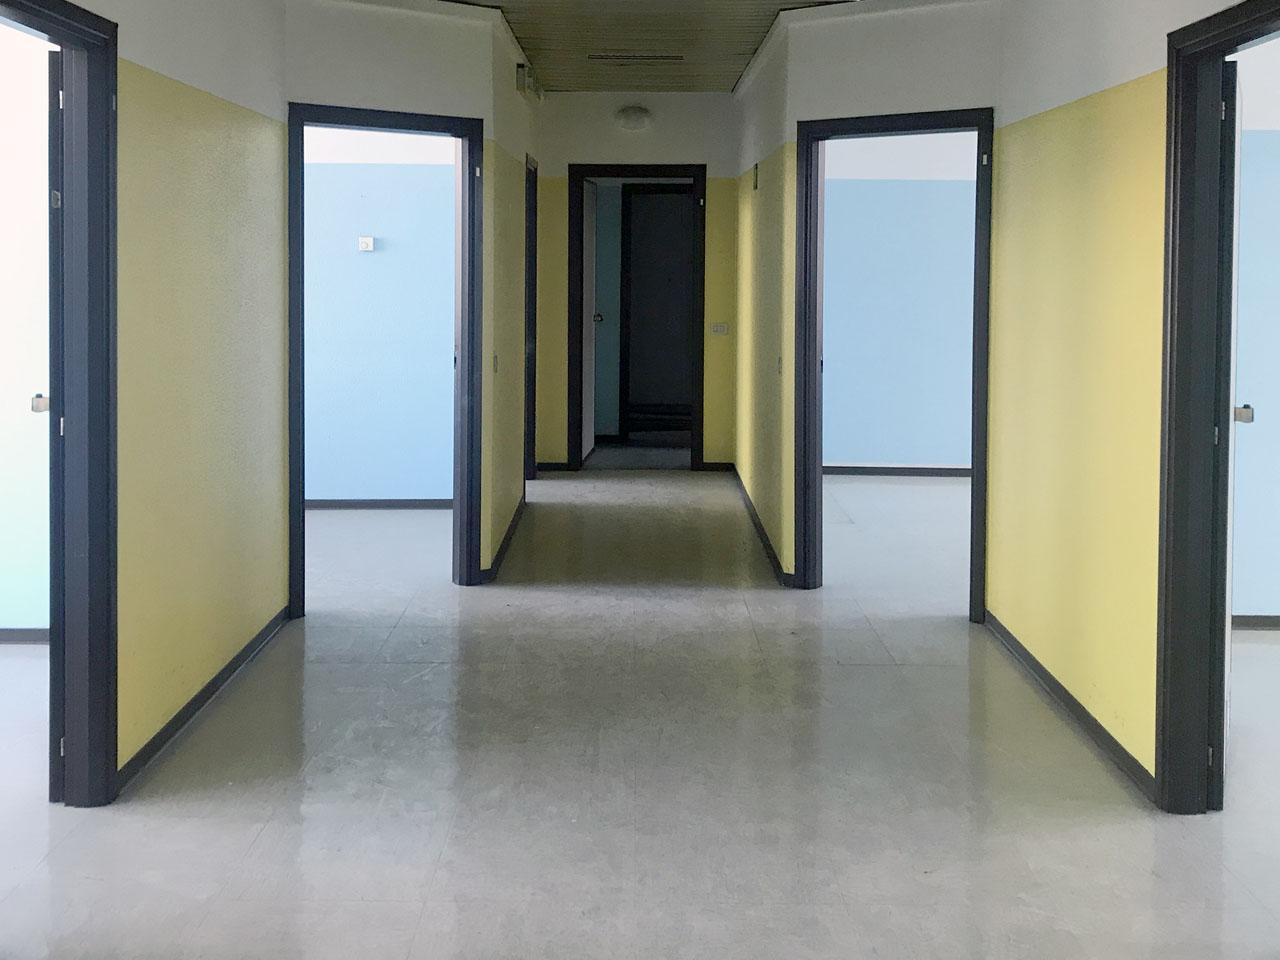 Ufficio in affitto a Milano di 425 mq Via Fantoli / Mecenate